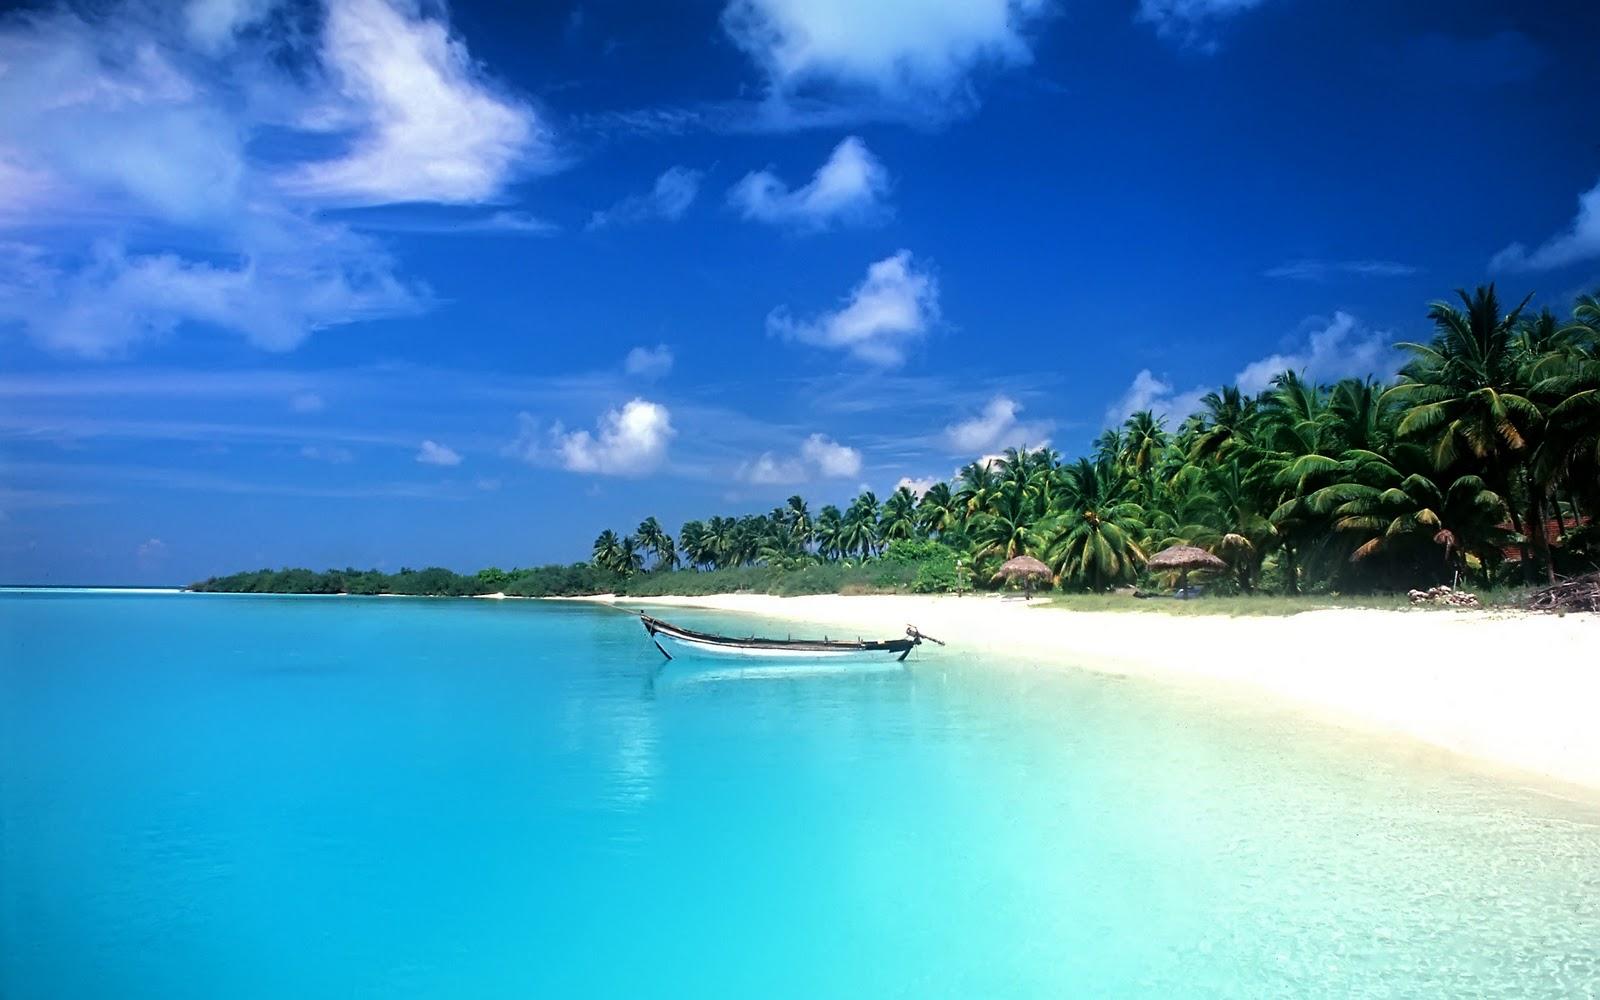 http://1.bp.blogspot.com/-kKQ5sbCSdK8/T8X1fOSd1sI/AAAAAAAAAco/V3WtznCuBz8/s1600/Beach%2BWallpaper%2BHd%2BImage.jpg